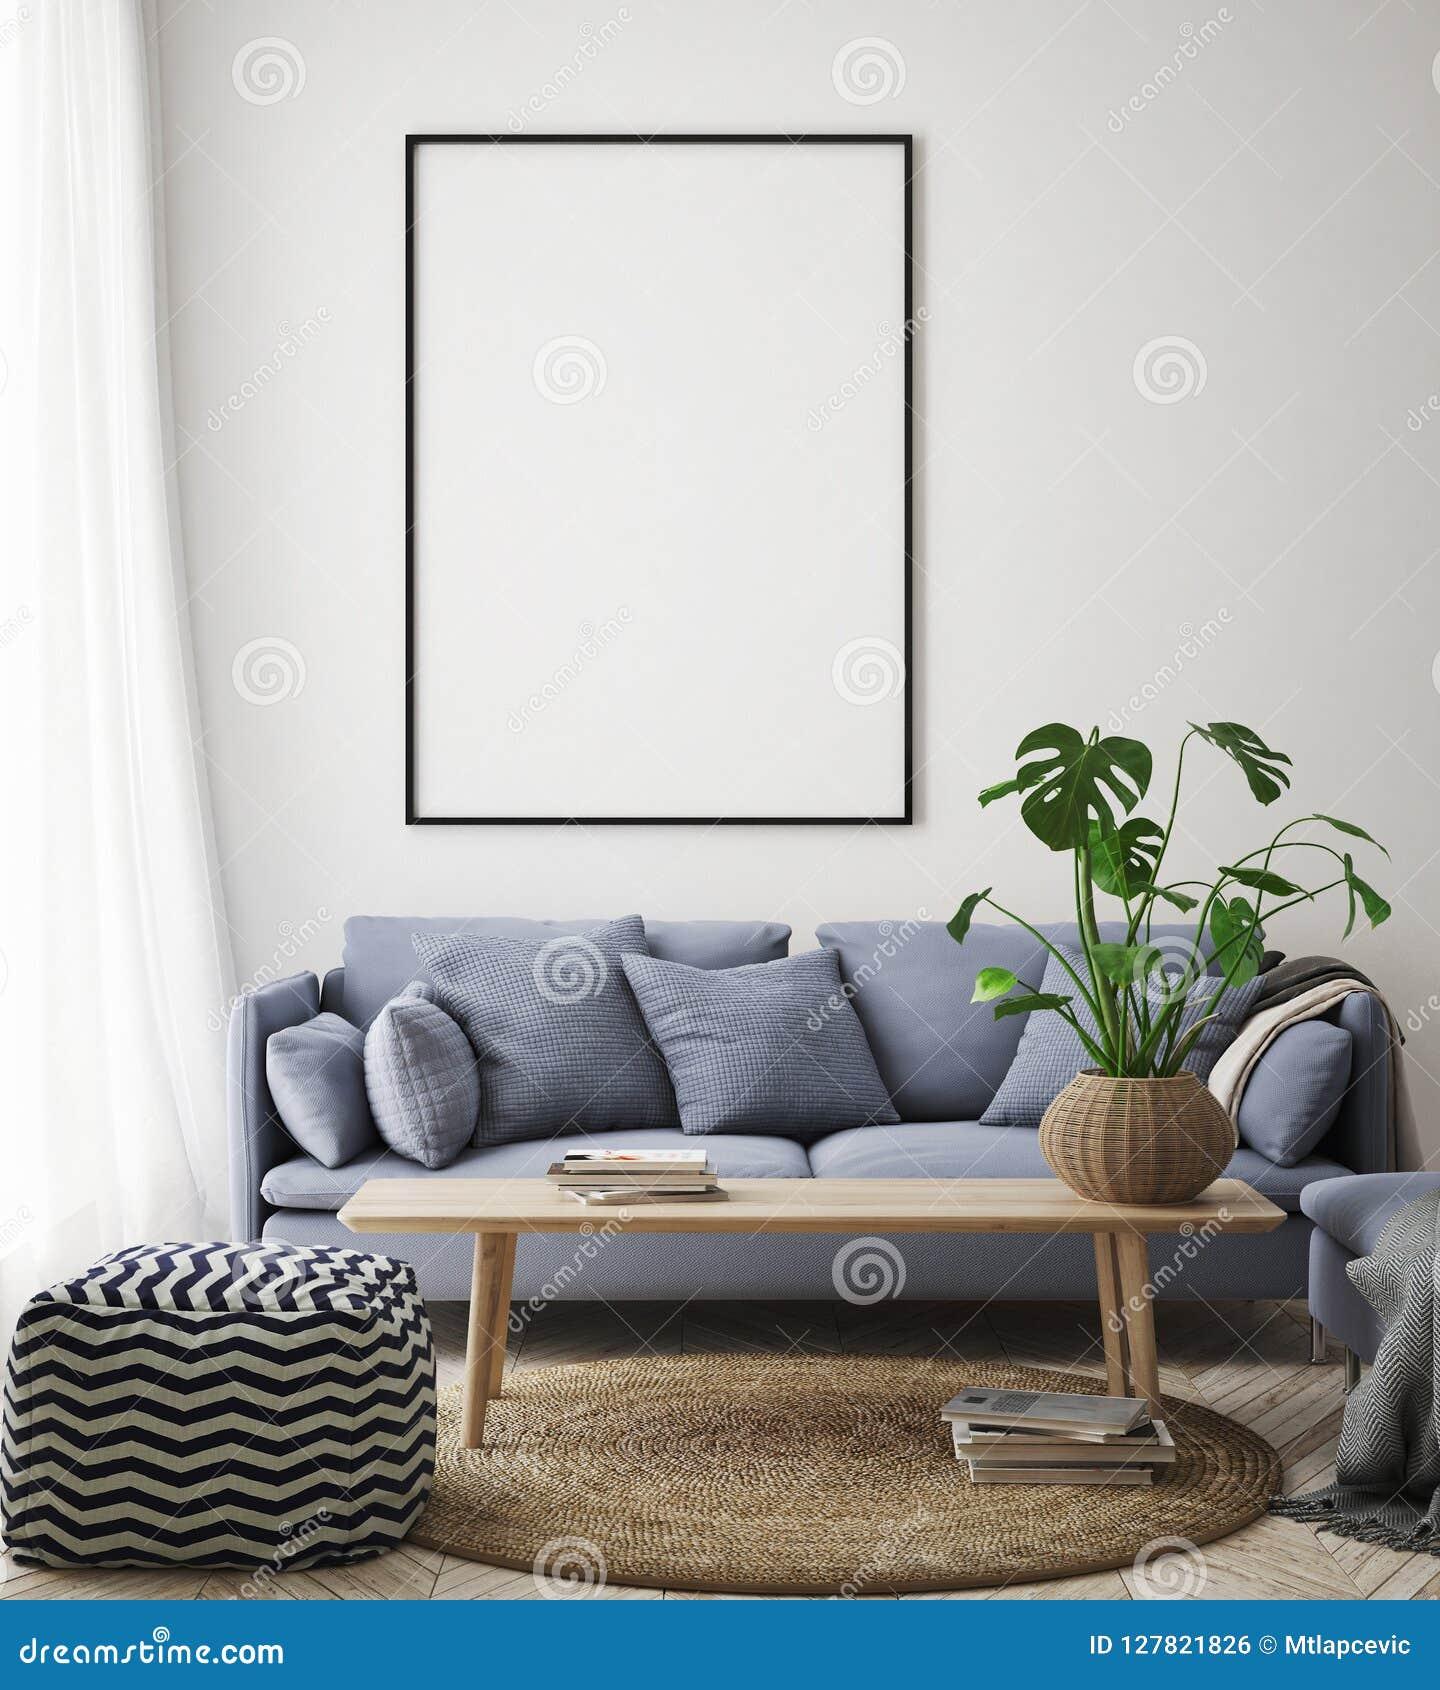 Imite encima de marco del cartel en el fondo interior del inconformista, sala de estar, estilo escandinavo, 3D rinden, el ejemplo